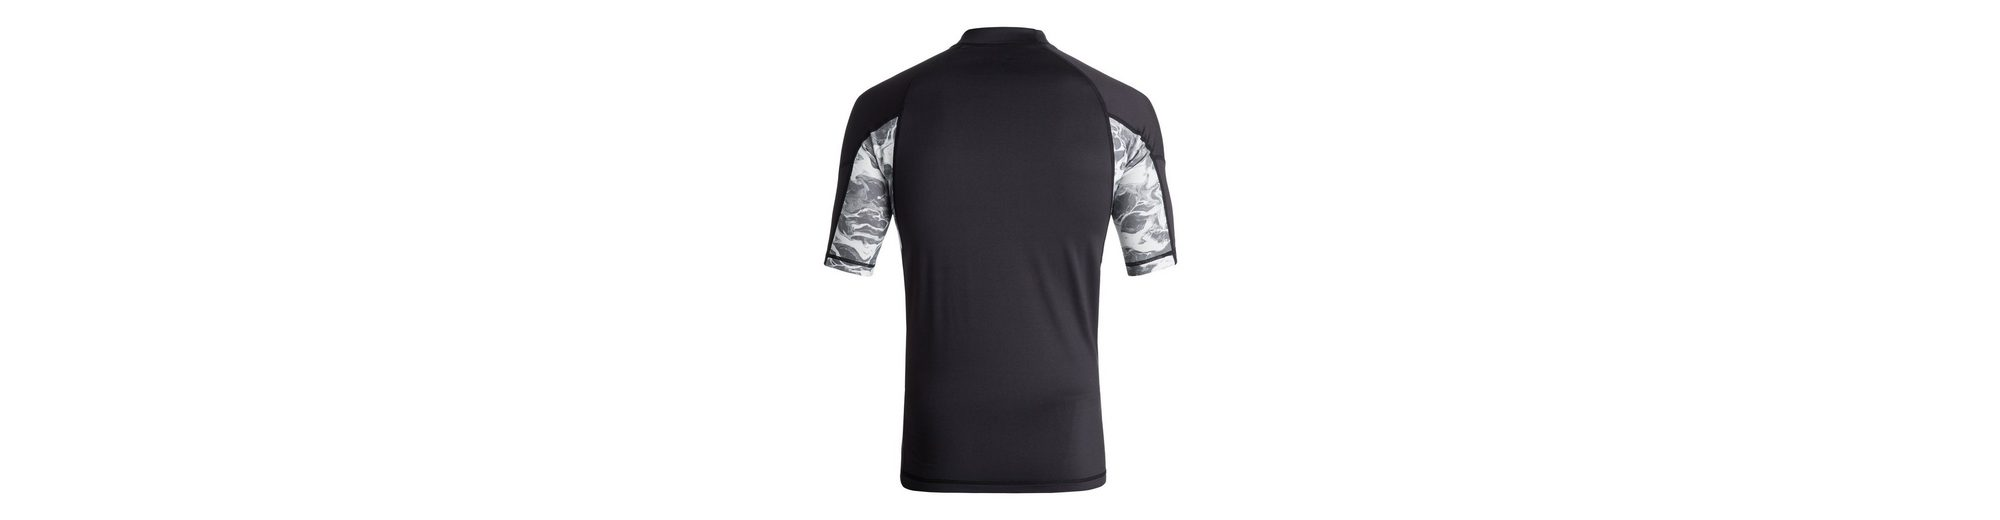 Quiksilver Kurzarm UPF 50 Rash Vest Slash Billig Verkauf Hochwertiger Outlet Großer Rabatt Billig Verkauf Zahlen Mit Paypal Für Schön Cpdphr8Iqq